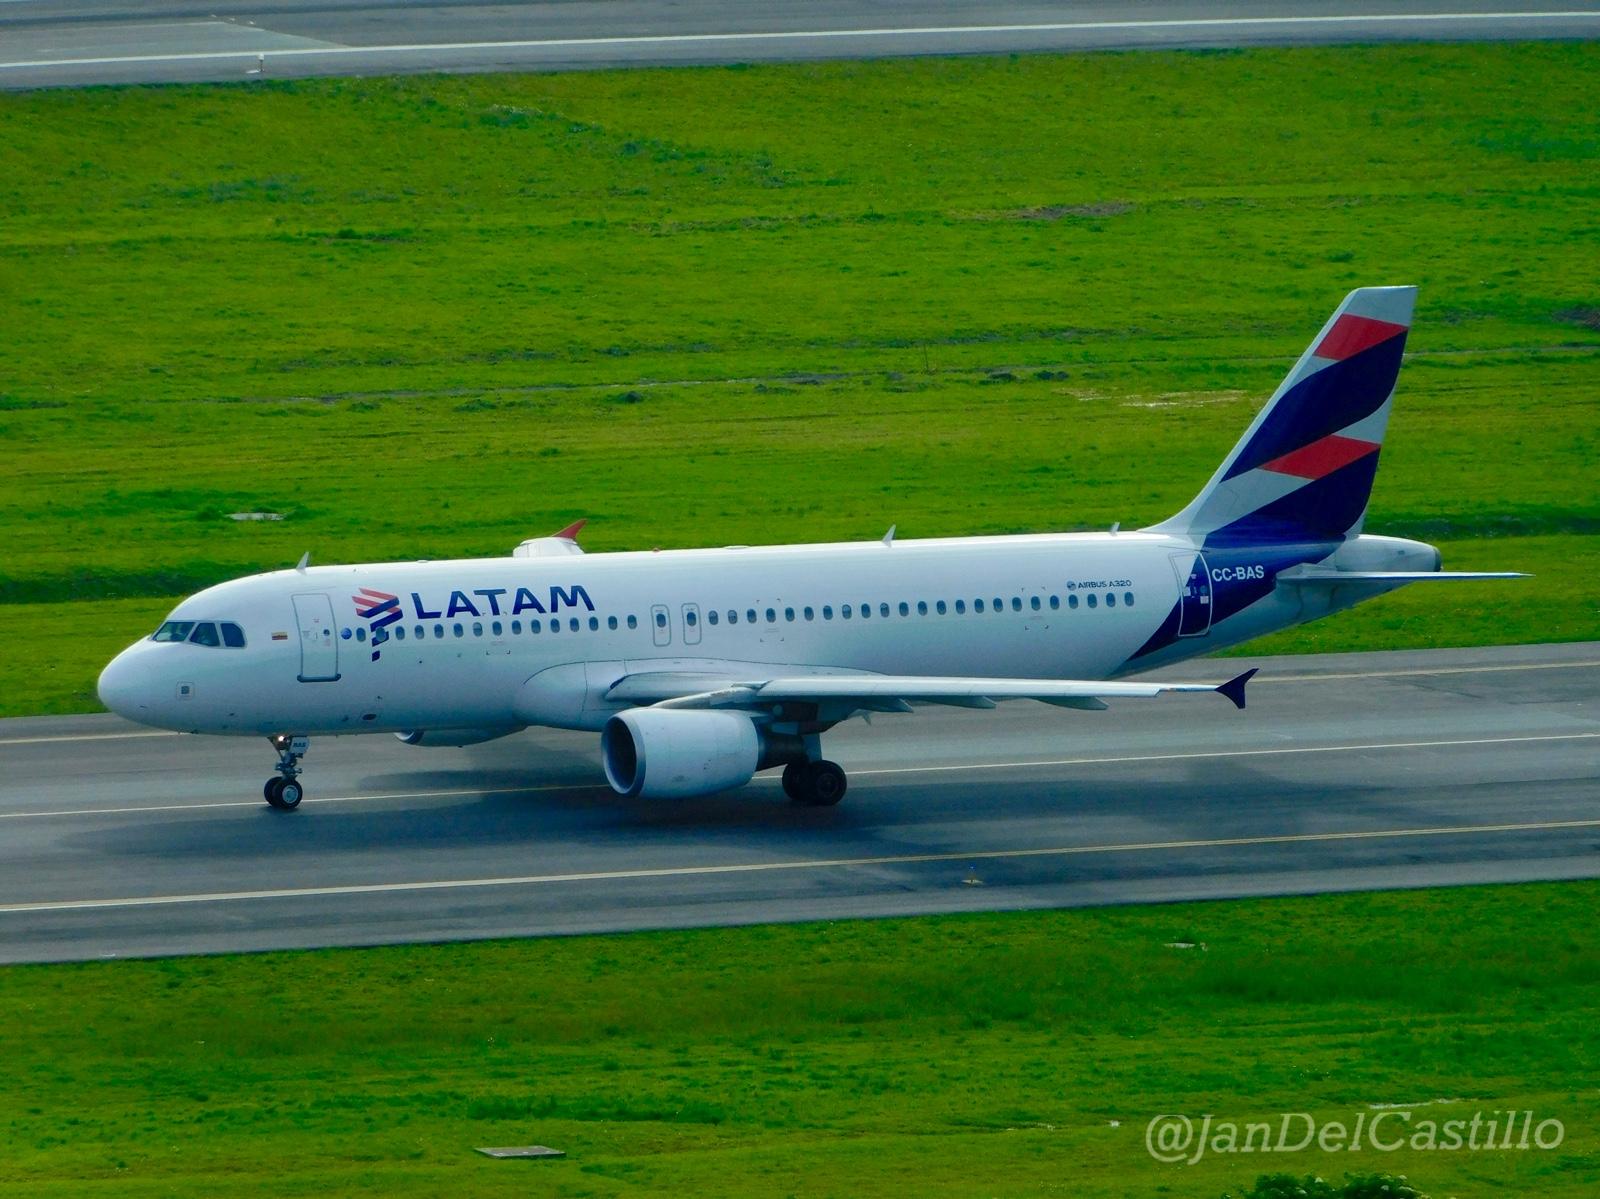 Analistas mejoran sus proyecciones para la acción de Latam Airlines